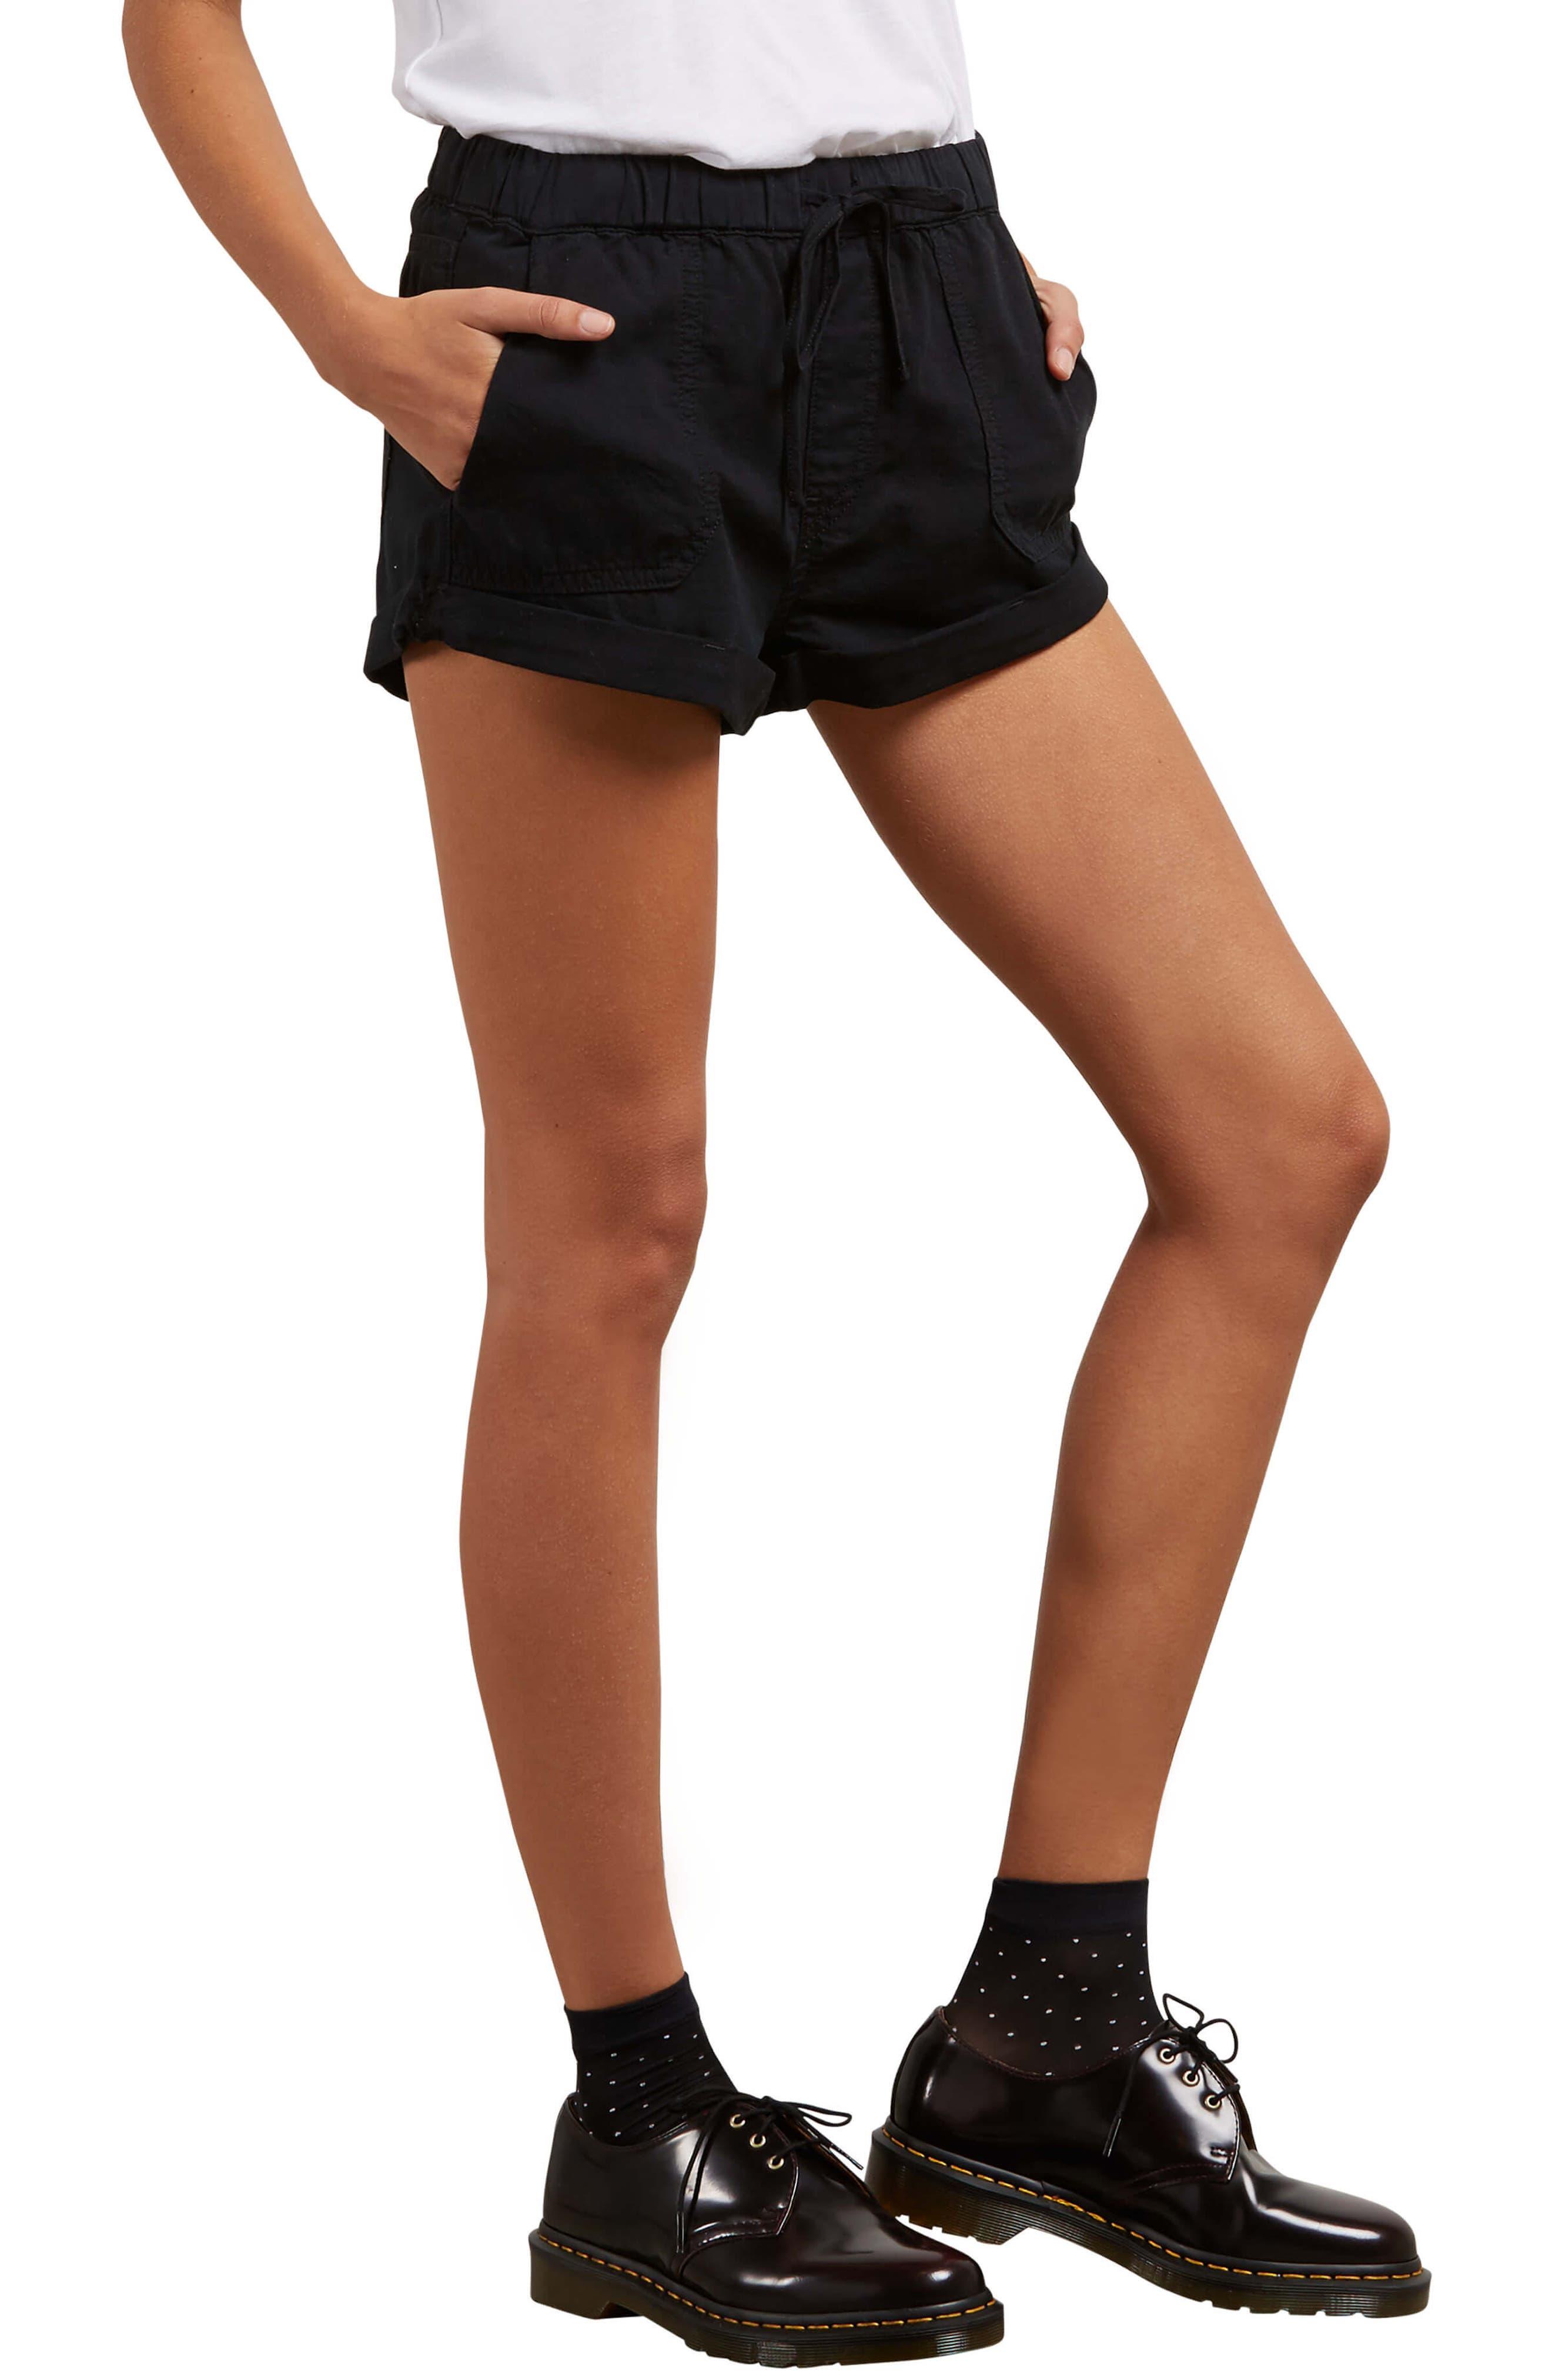 Sunday Strut Shorts,                             Alternate thumbnail 4, color,                             Black